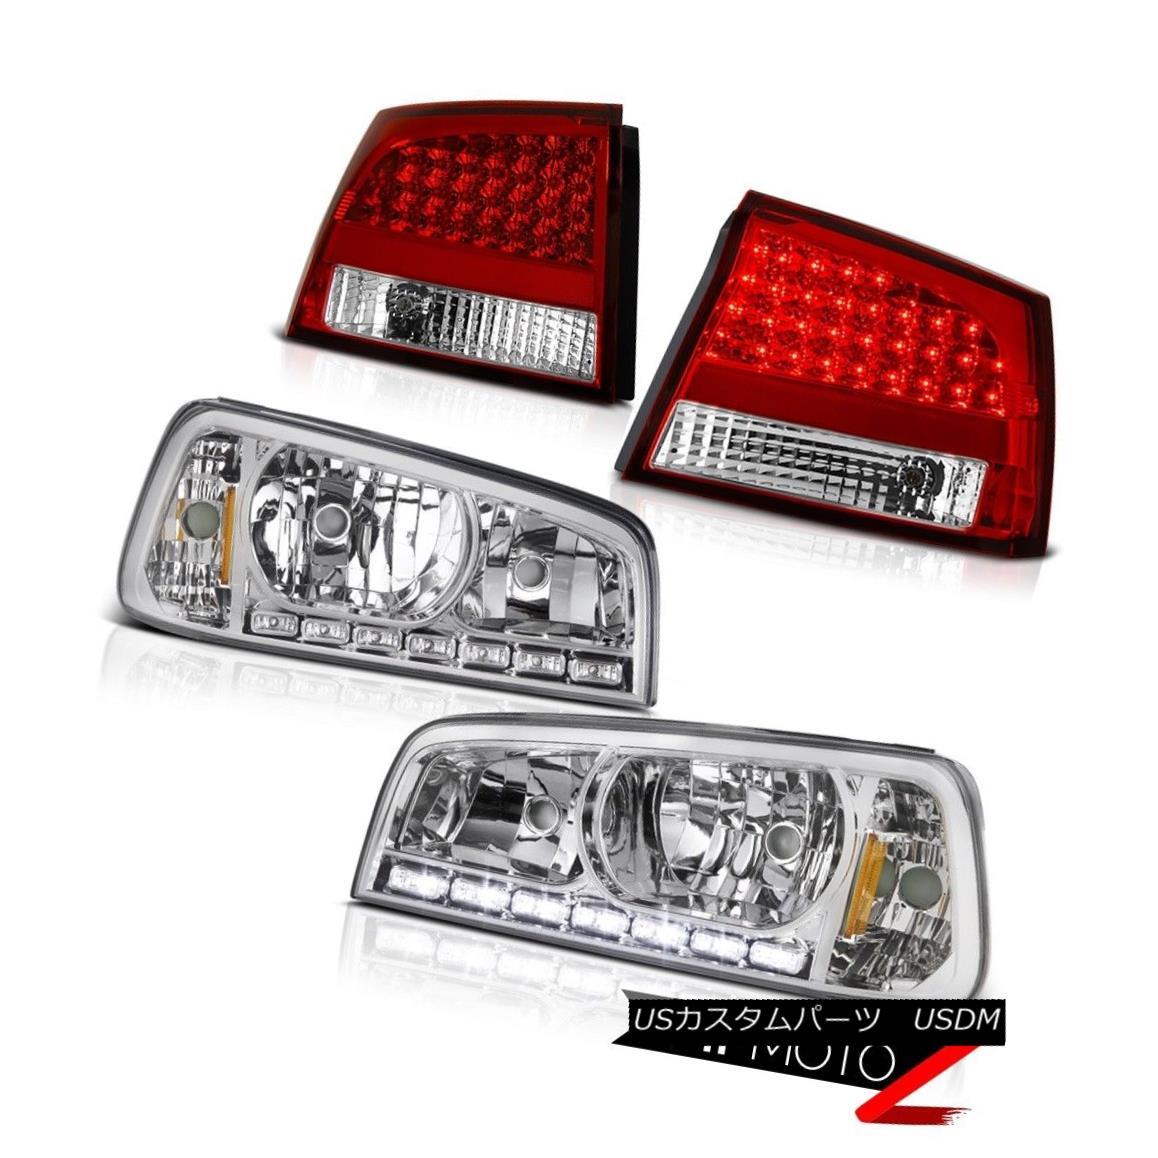 テールライト 2009 2010 Dodge Charger Chrome LED Daytime Headlight Brake Lamp Rosso Taillights 2009年のダッジチャージャークロームLED昼間のヘッドライトブレーキランプロッソ灯台